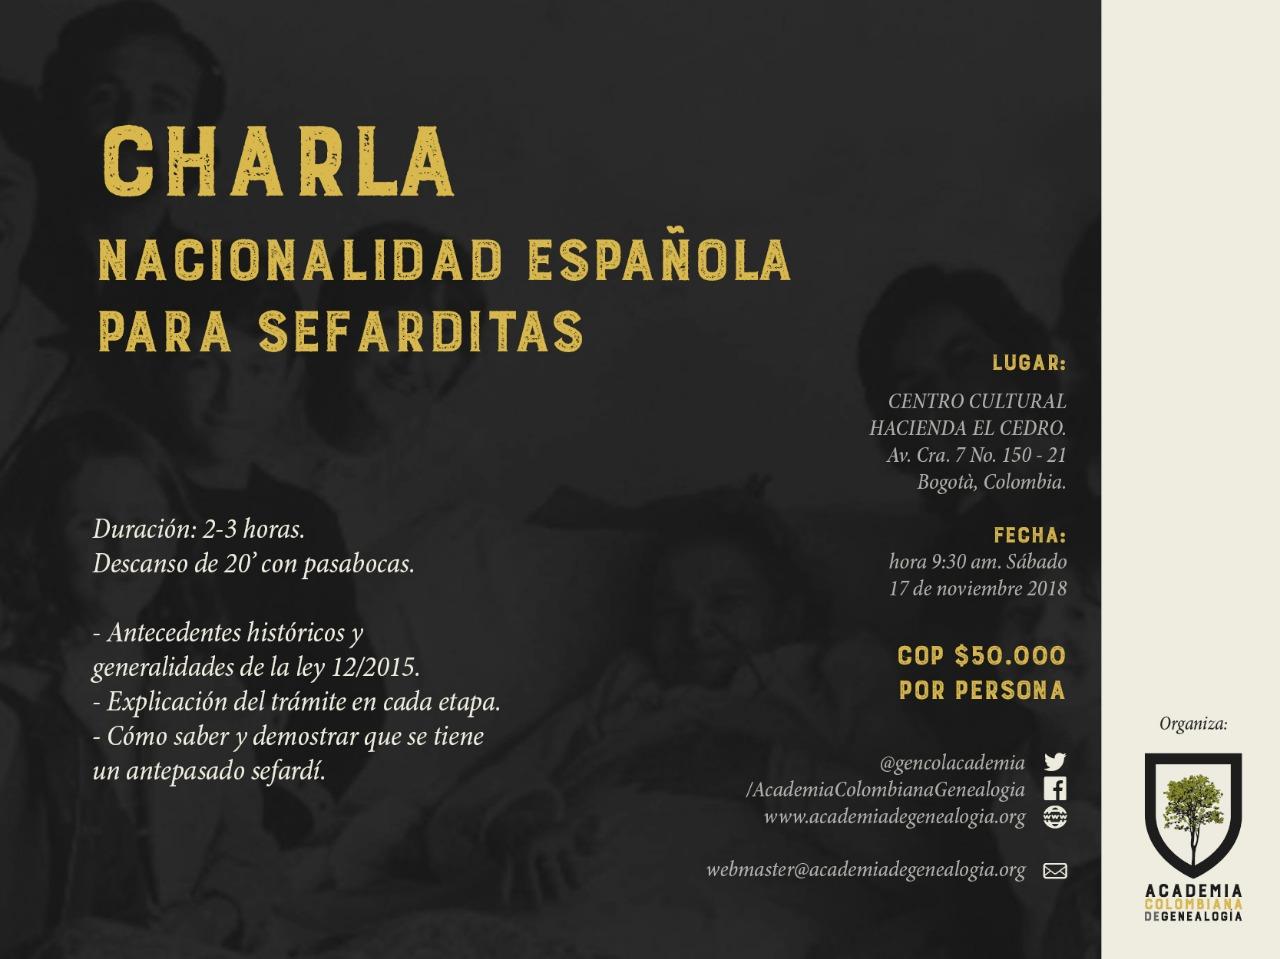 NACIONALIDAD ESPA�OLA PARA SEFARDITAS